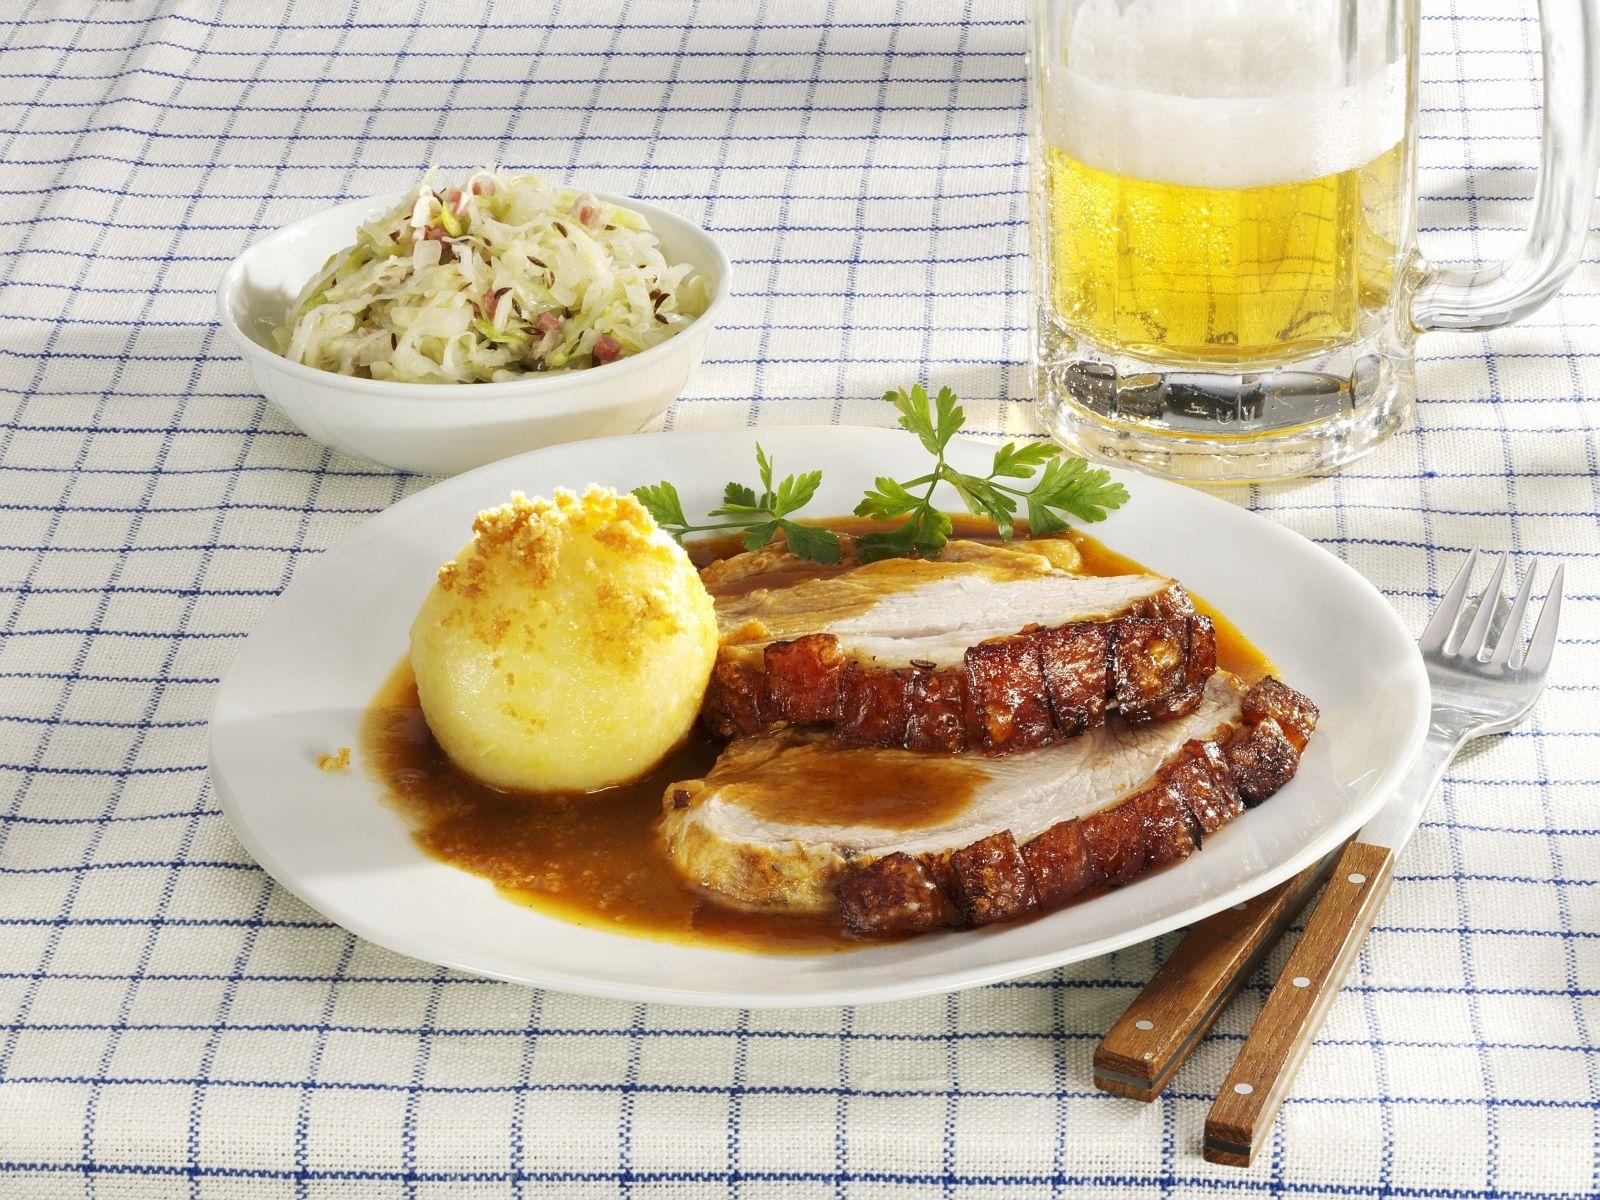 Bayerischer schweinebraten mit kartoffelkn del rezept - Kann man reis in der mikrowelle kochen ...